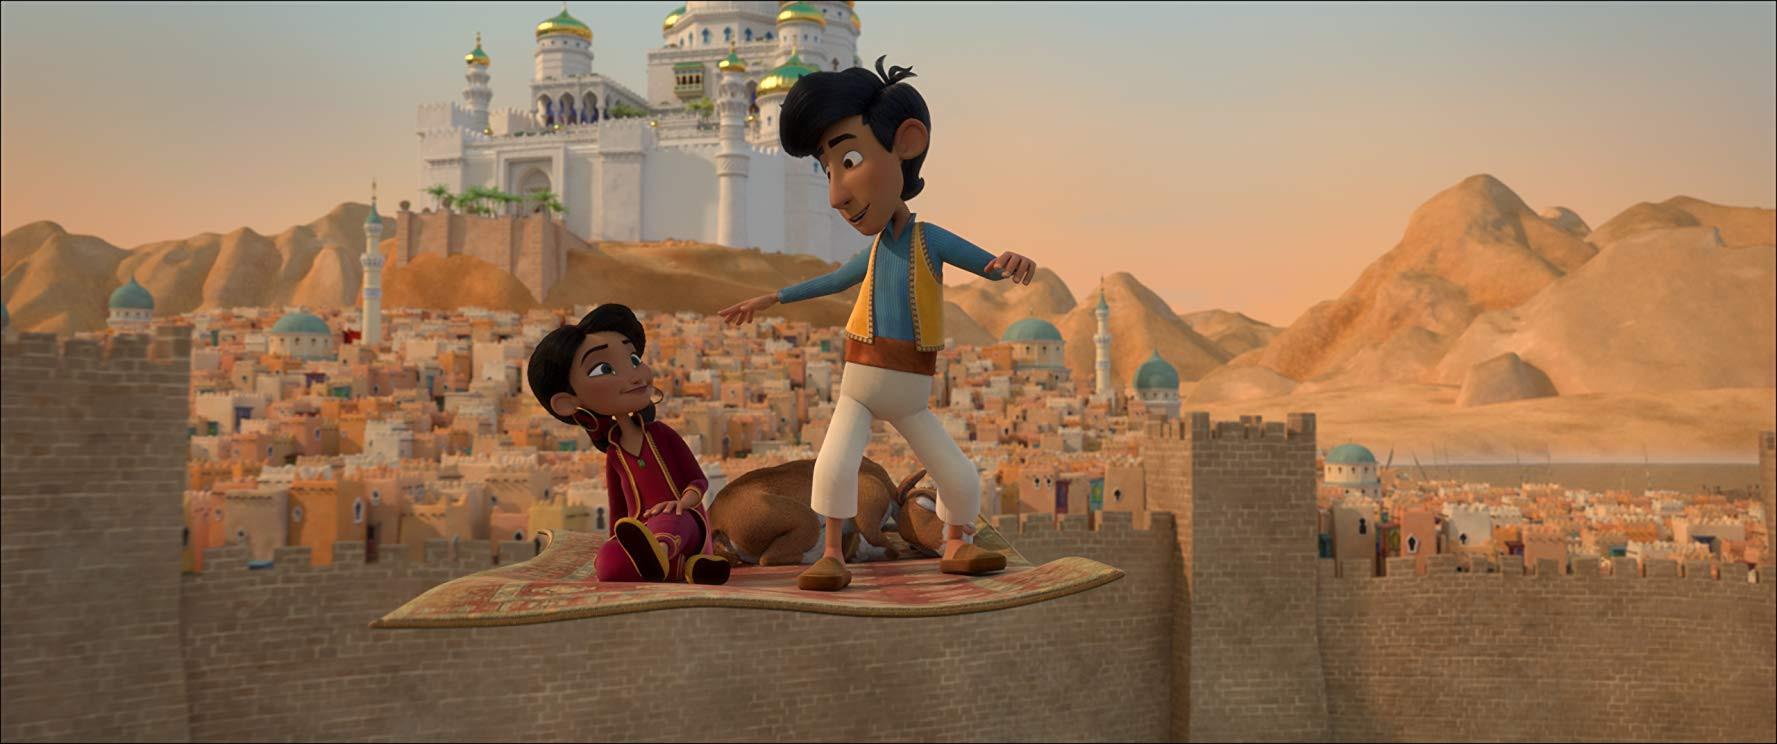 Aladino e o tapete mágico_.jpg